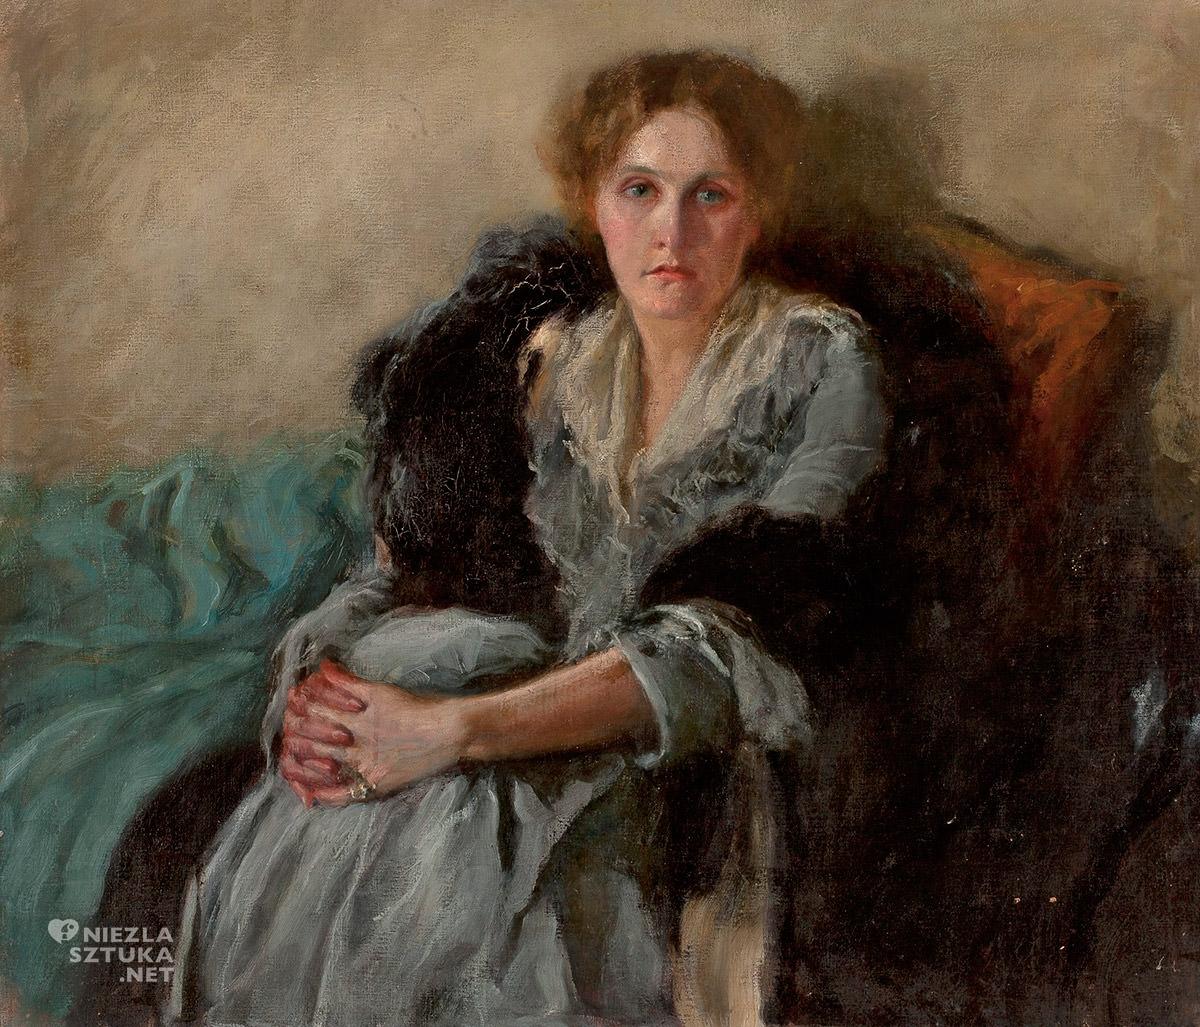 Józef Czajkowski, Portret żony artysty Lety Czajkowskiej, sztuka polska, Niezła Sztuka